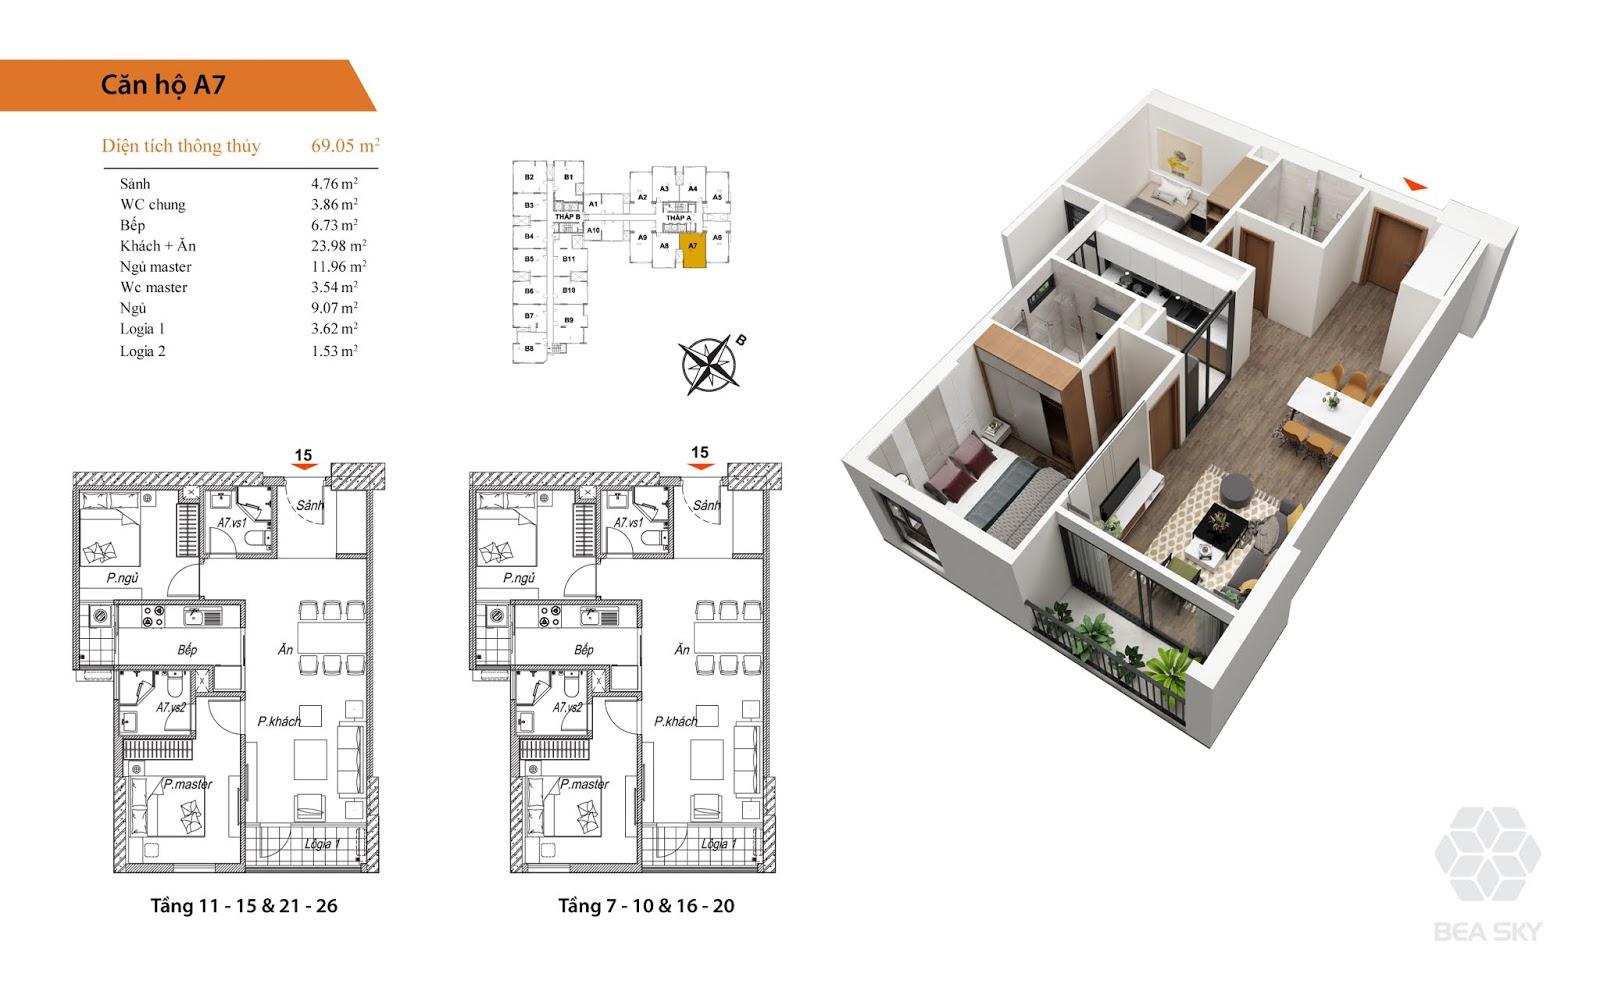 Thiết kế căn A7 chung cư Bea Sky Nguyễn xiển